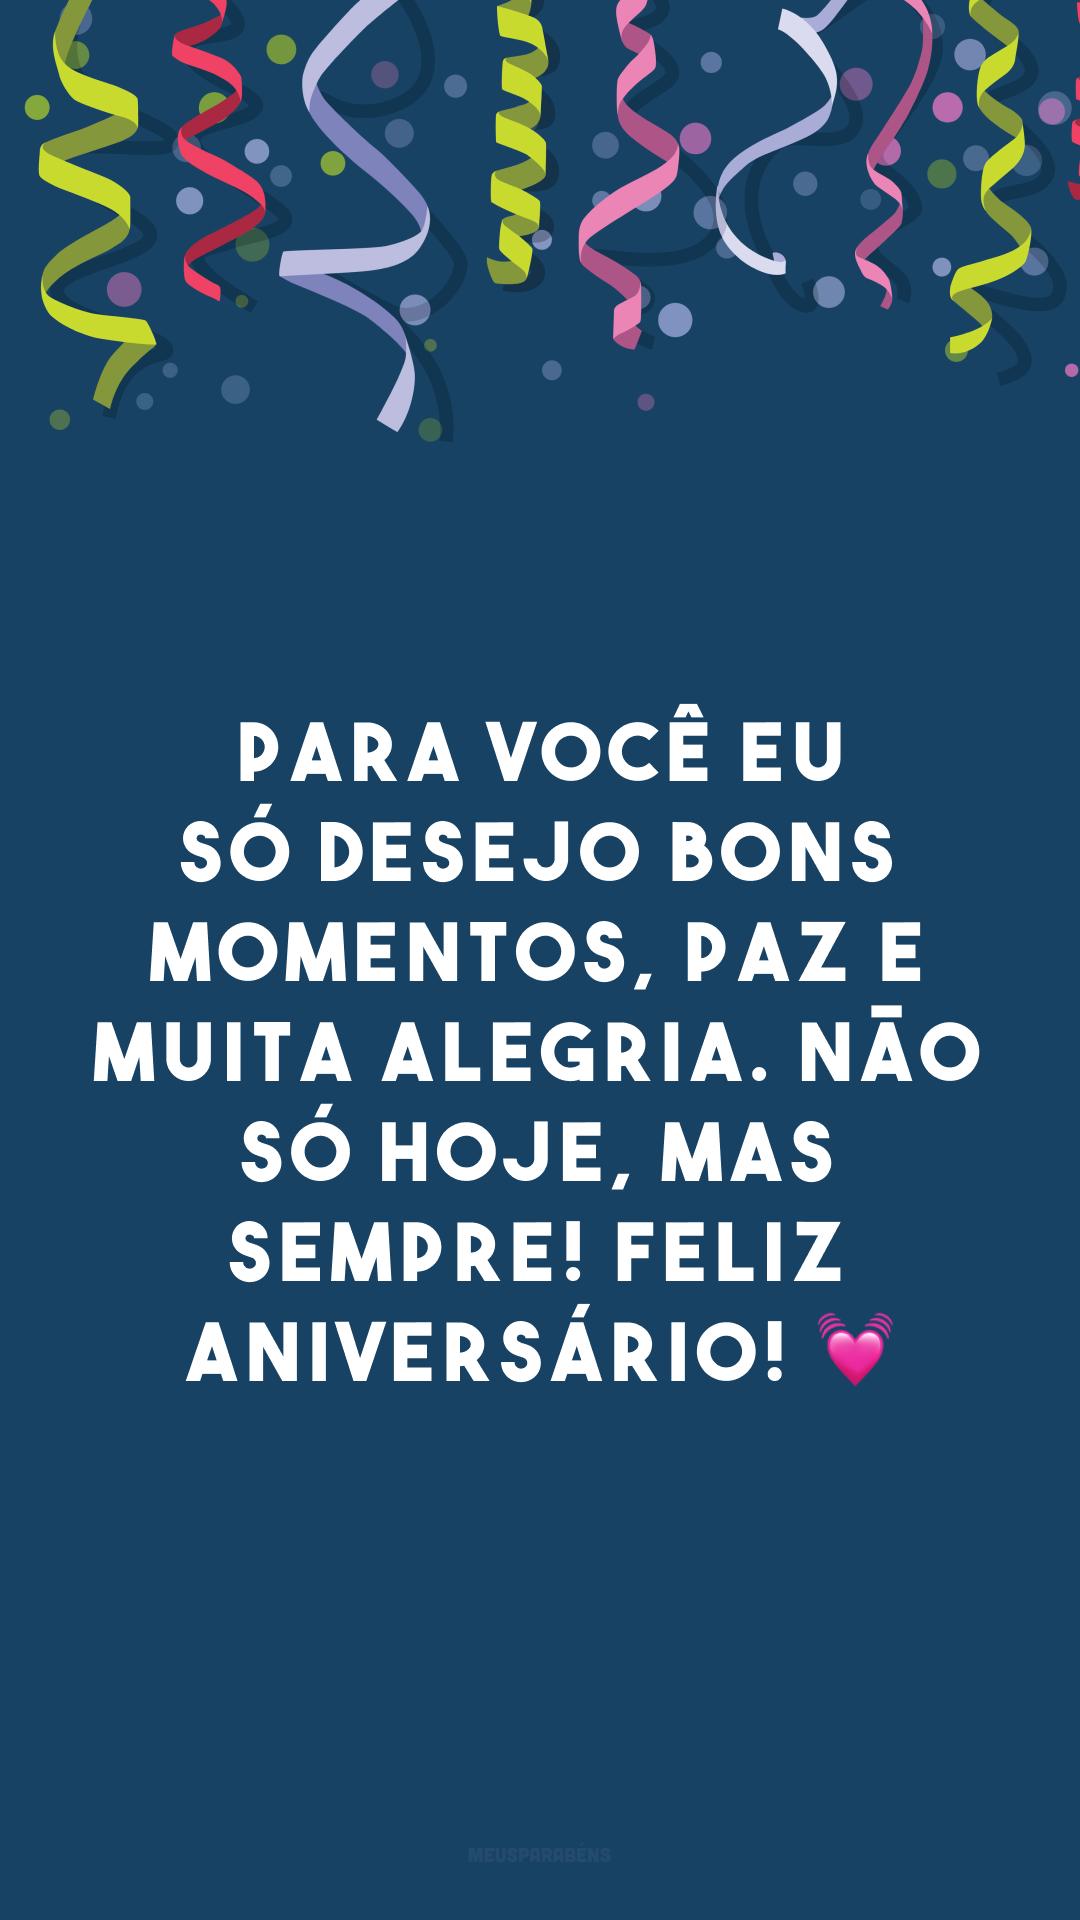 Para você eu só desejo bons momentos, paz e muita alegria. Não só hoje, mas sempre! Feliz aniversário! 💓